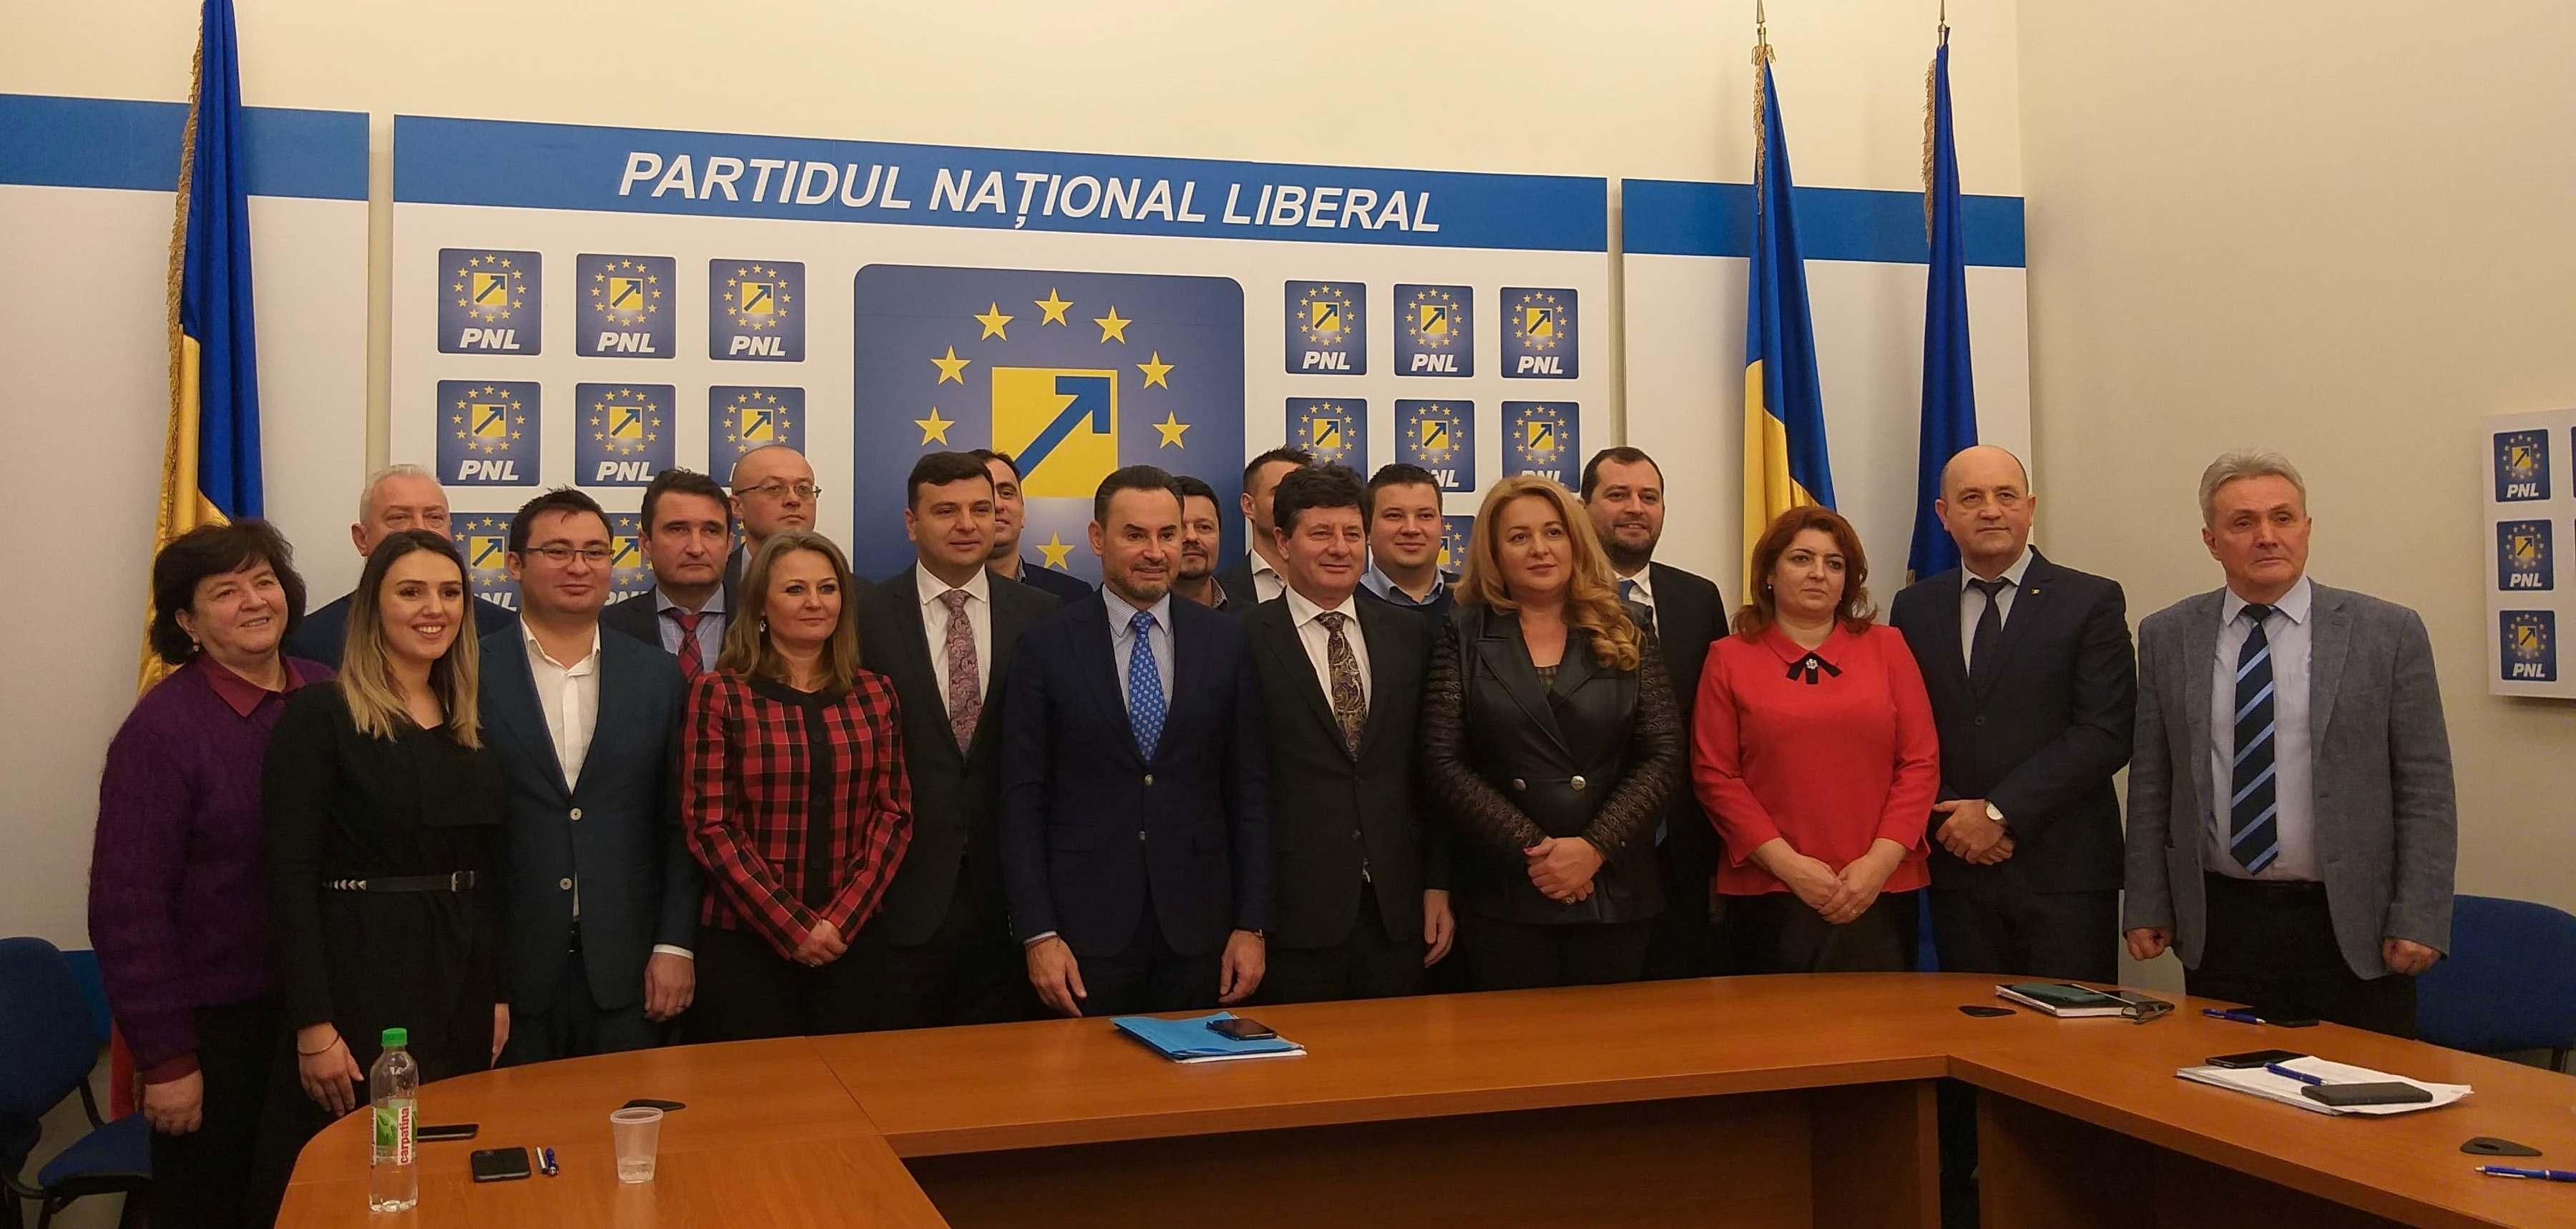 E OFICIAL! Cine sunt candidații pentru Primăria Aradului, Consiliul Județean și Parlament din partea PNL Arad